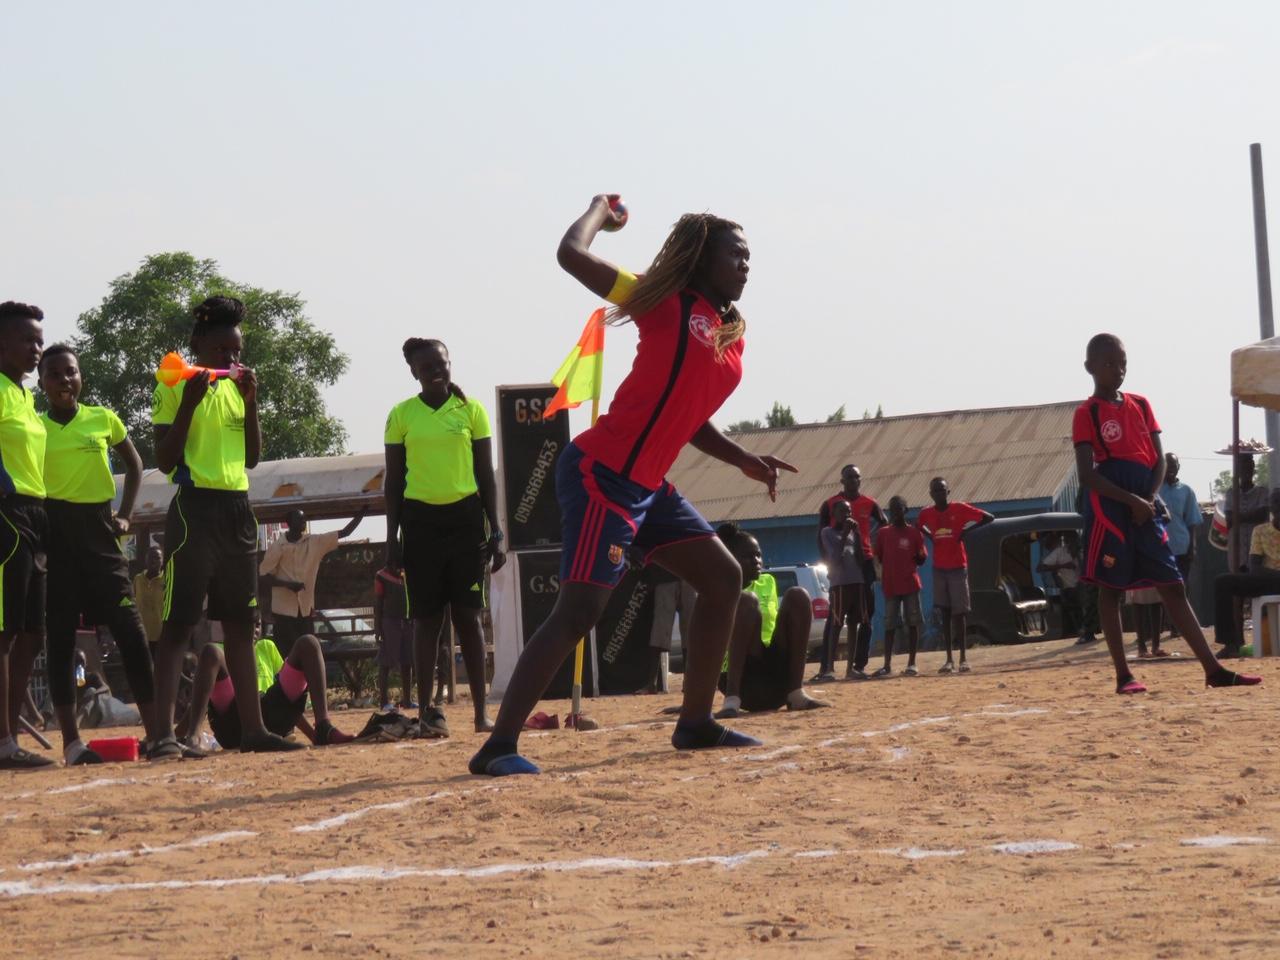 写真・図版 : 豪快に剛速球を繰り出す女子選手。肩がよく回っていて、野球の素質を感じる。